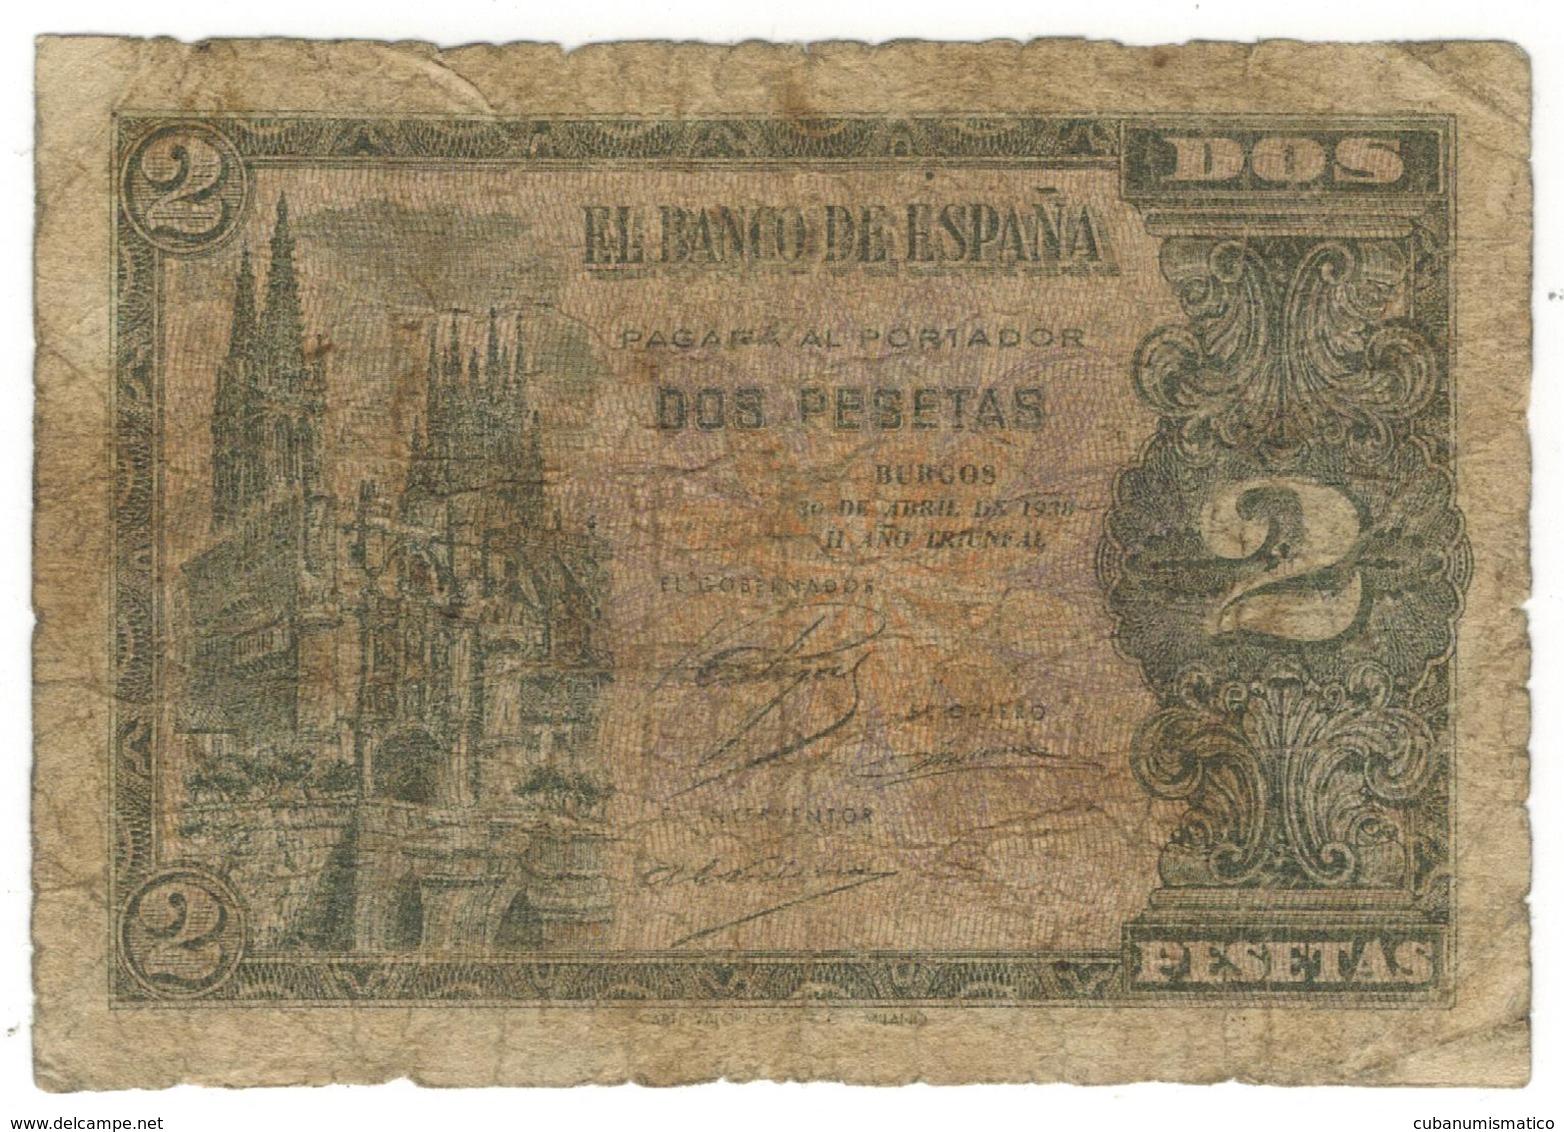 Spain 2 Pesetas 1938, Burgos, Used, See Scan. Rare. - Espagne